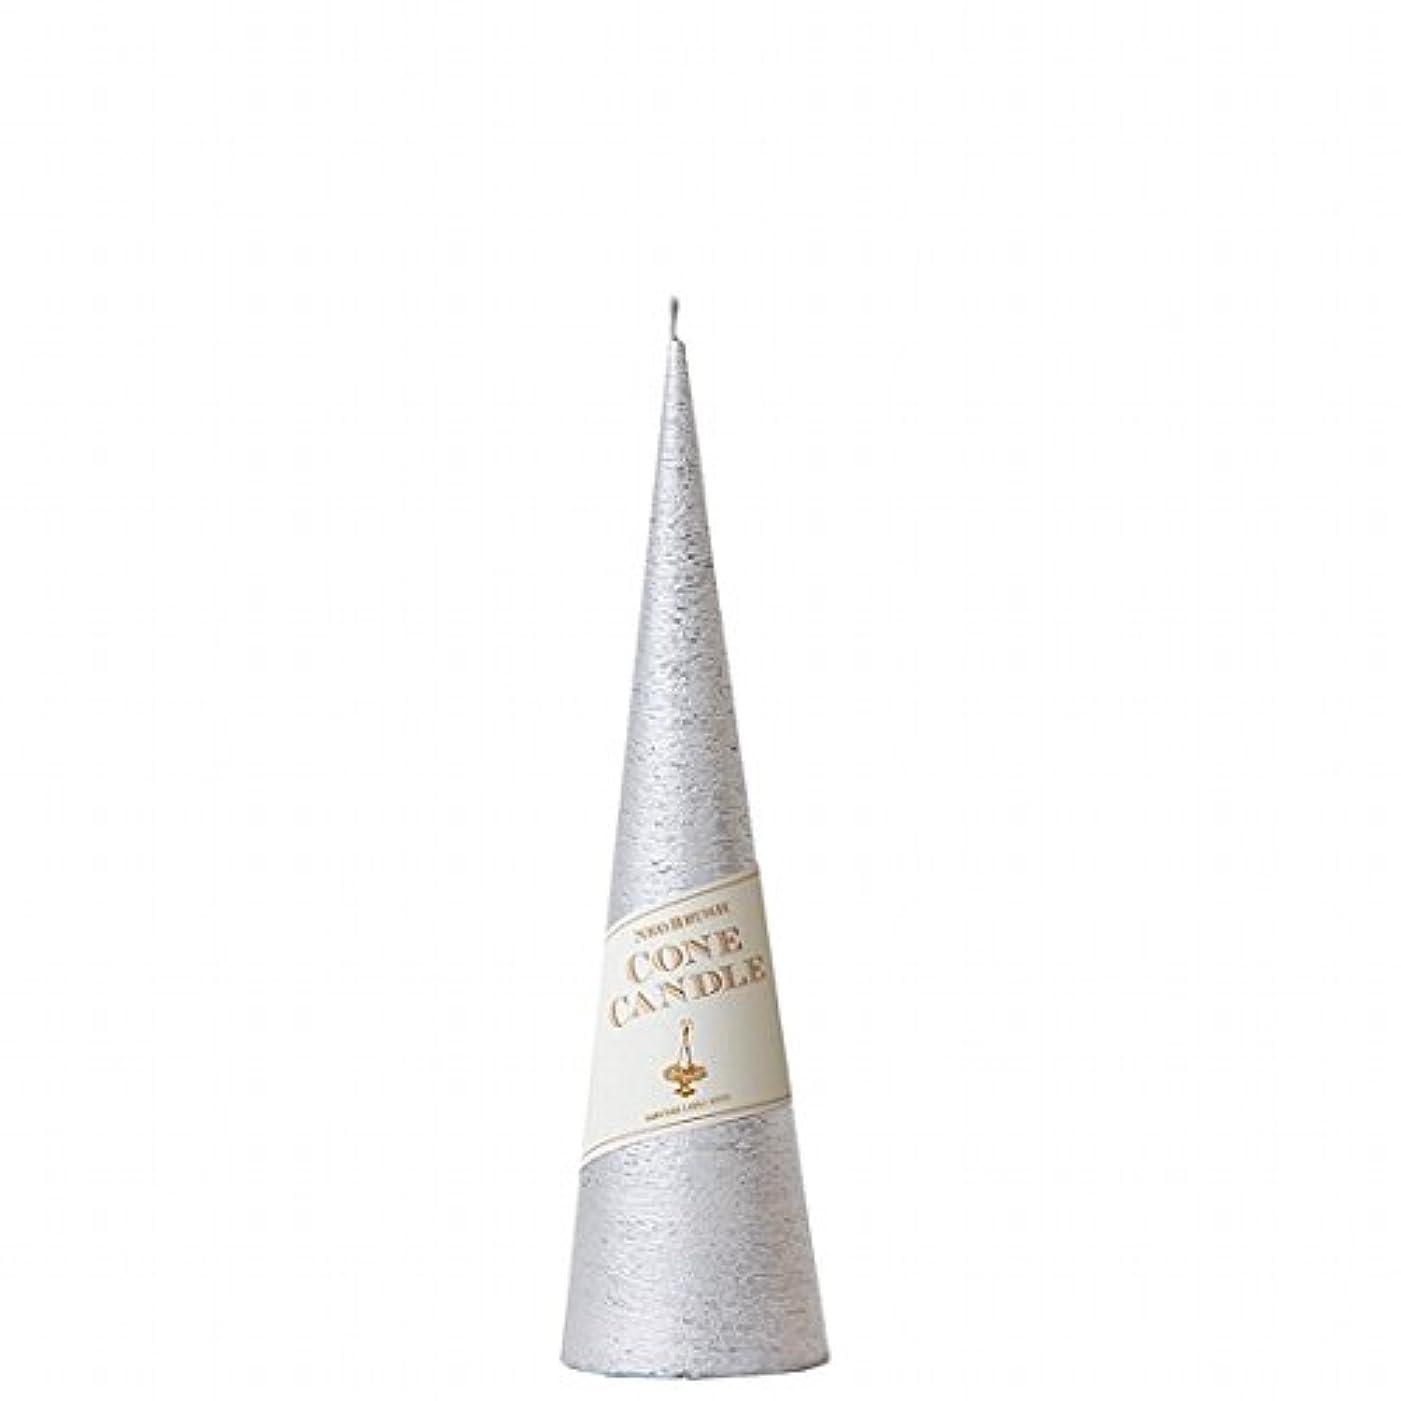 地味な対抗最終カメヤマキャンドル( kameyama candle ) ネオブラッシュコーン 230 キャンドル 「 シルバー 」